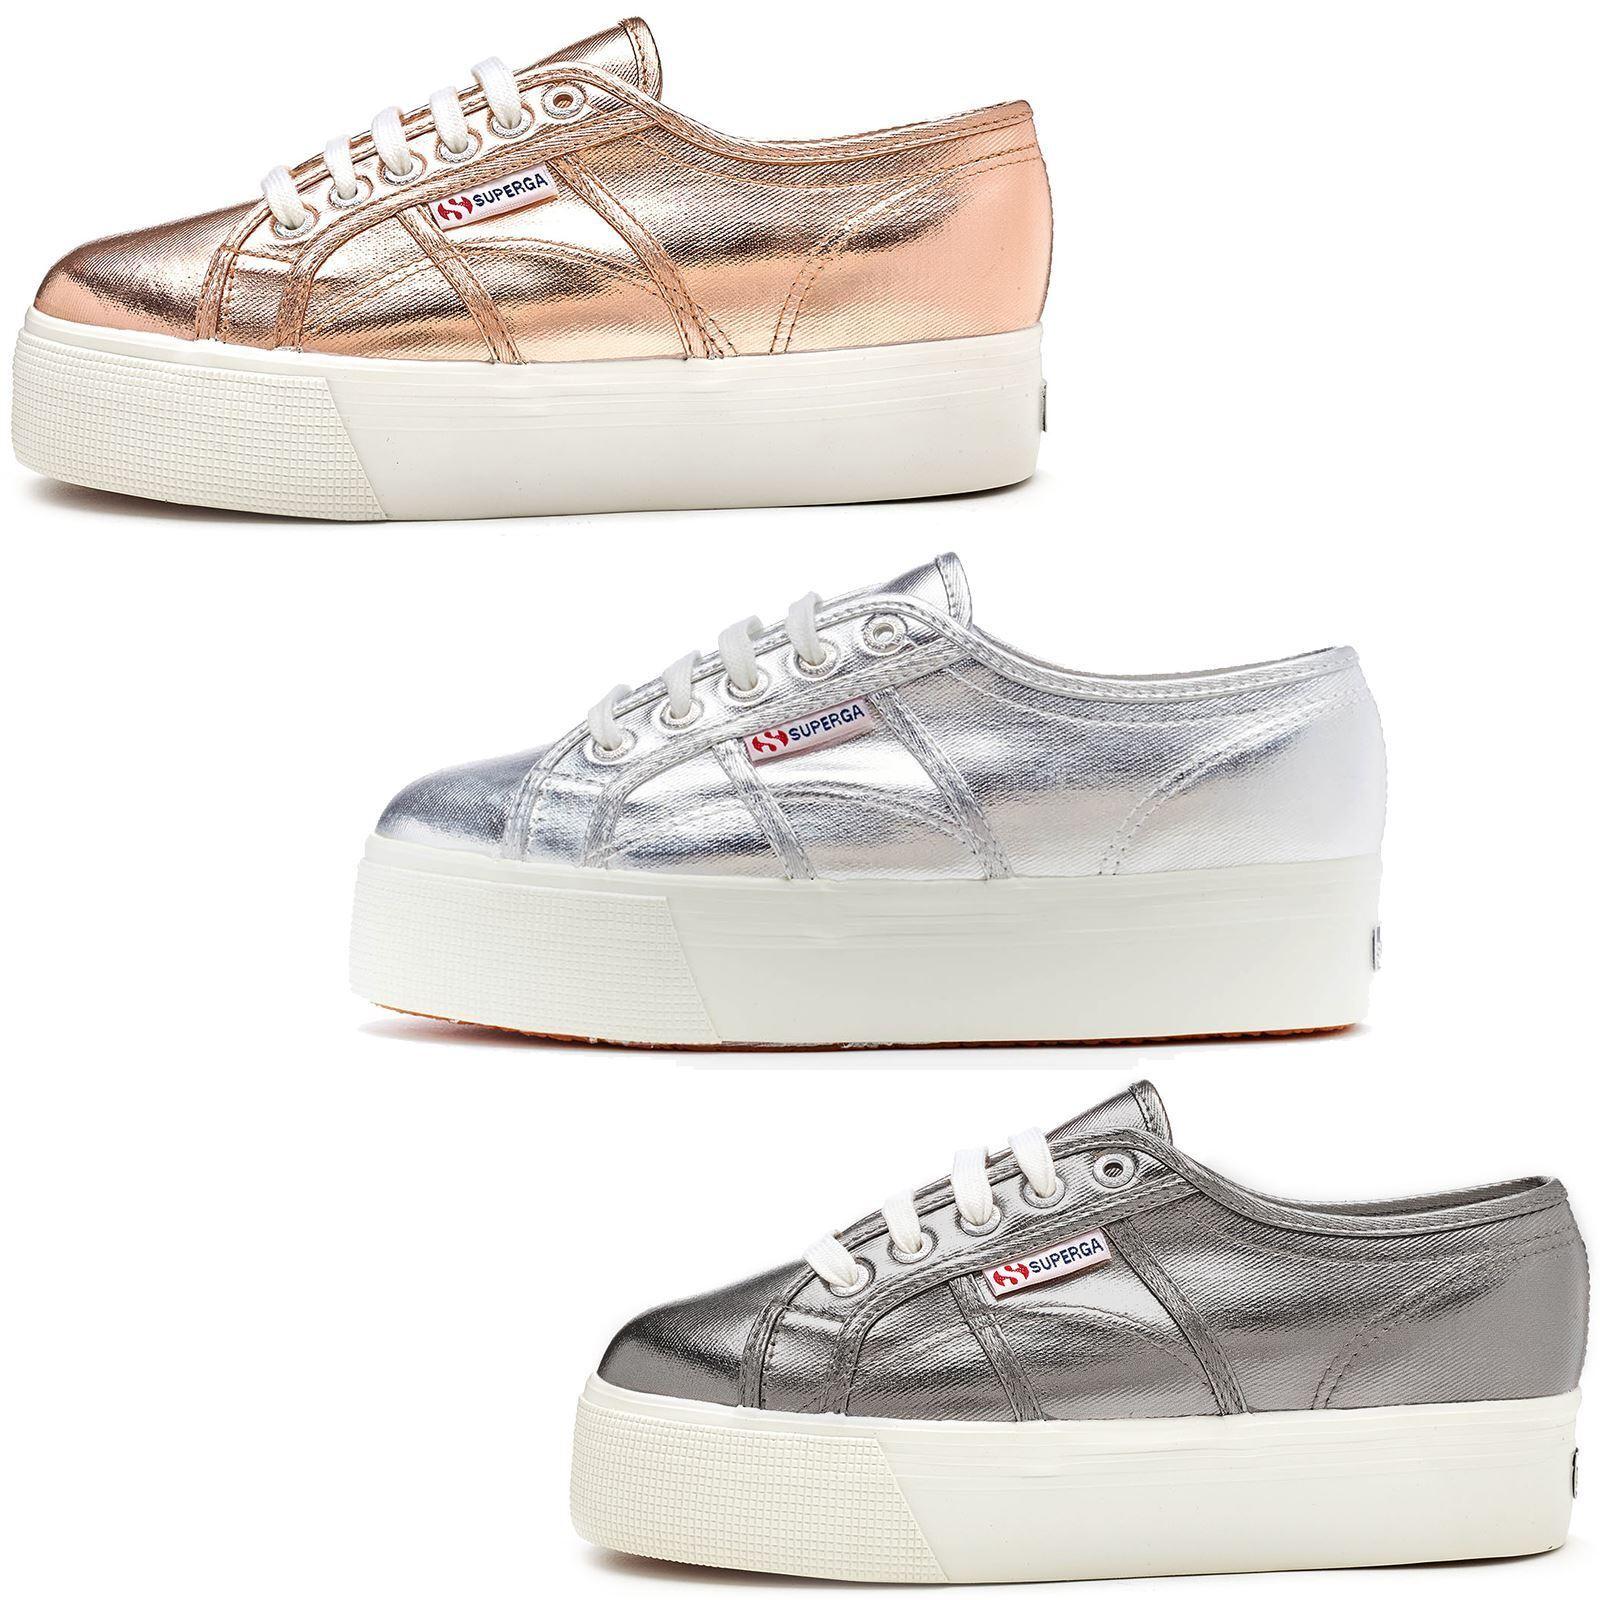 Superga 2790 Cotmetu Platform Plimsoll Shoes in Silver Grey & Rose Pink